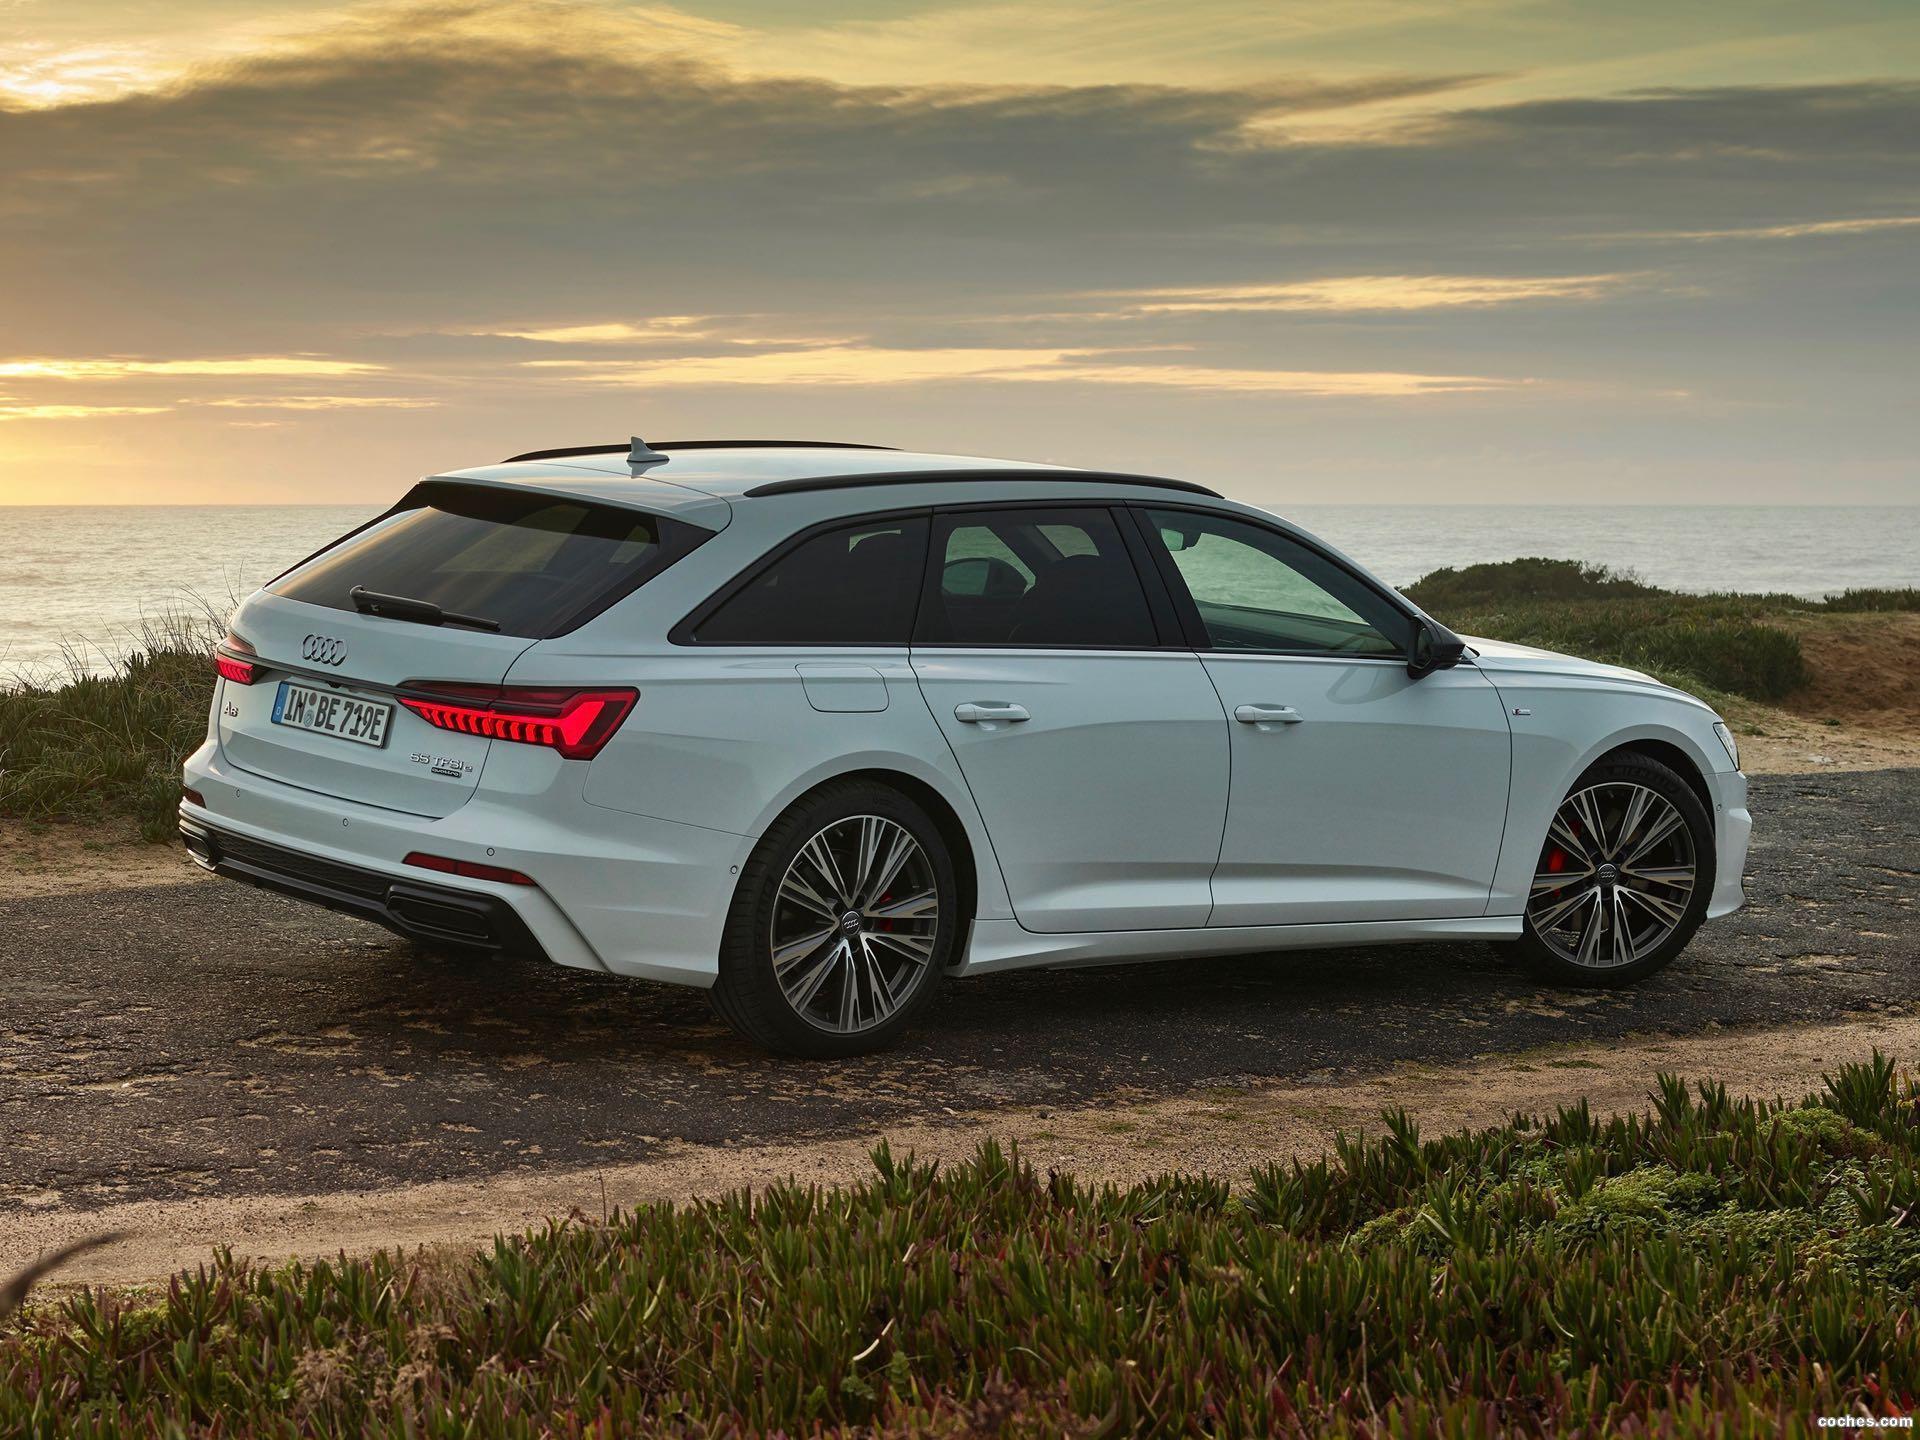 Foto 1 de Audi A6 Avant 55 TFSI e quattro 2020